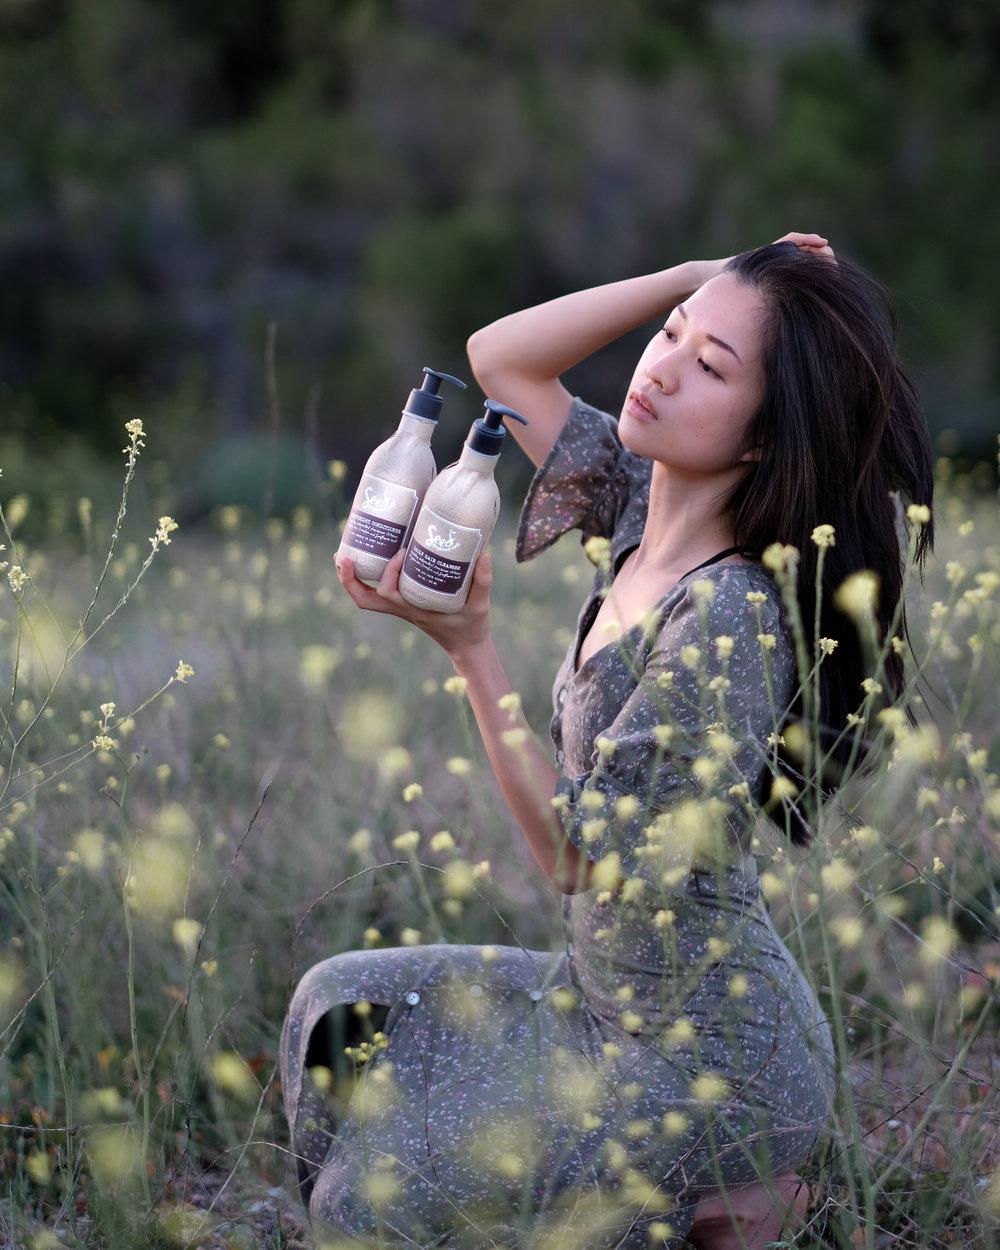 Seed Phytonutrients x Eco Lifestyle Blogger Kaméa Chayne @kameachayne